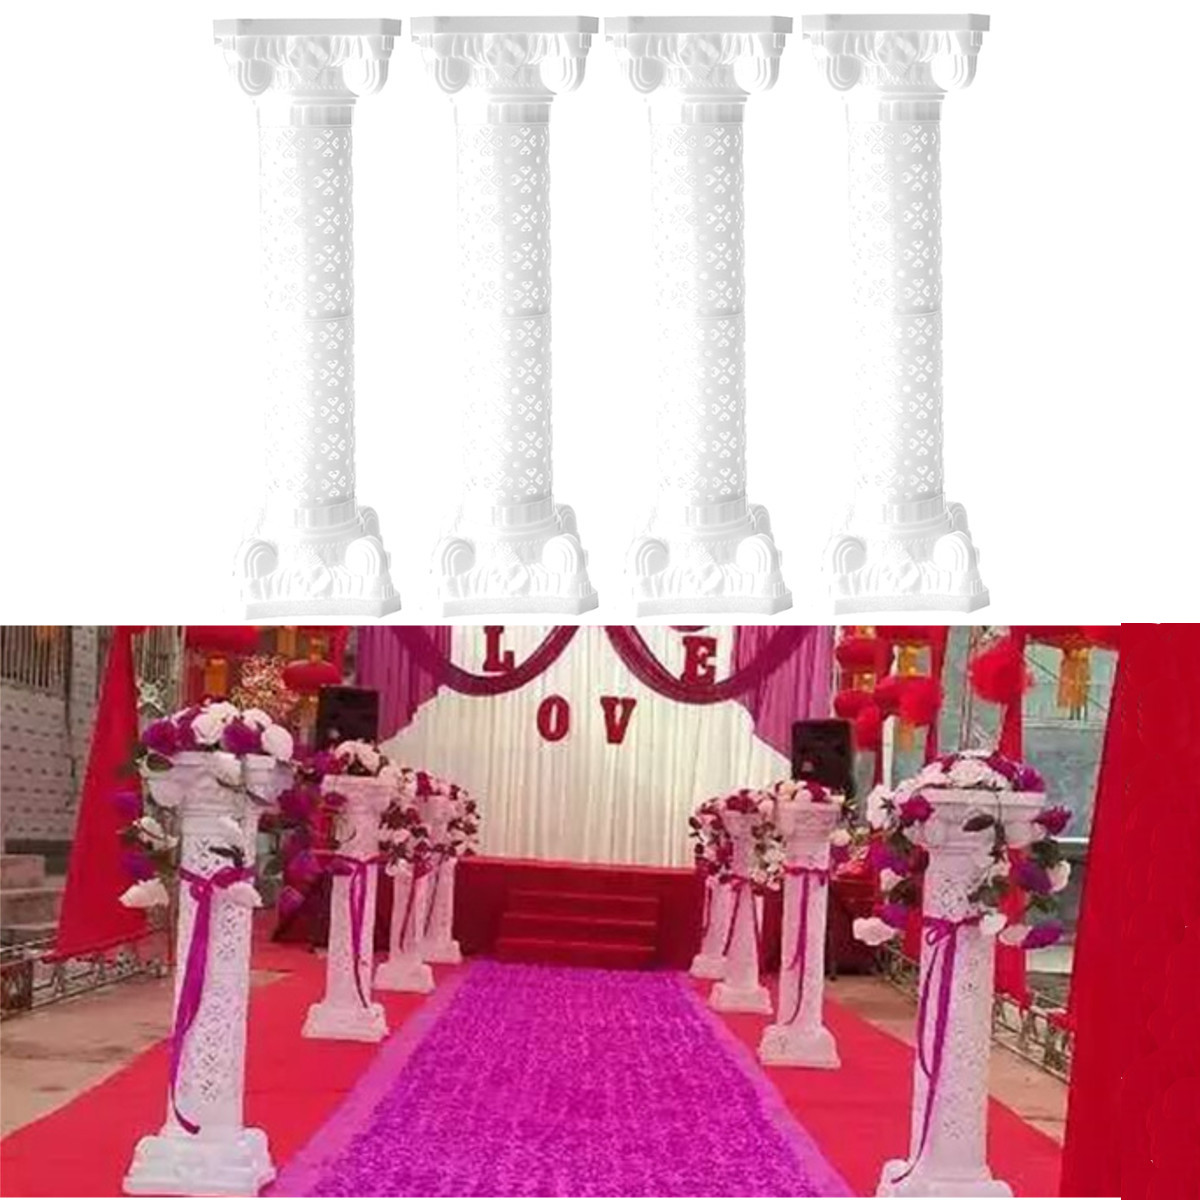 98CM décor de mariage colonne romaine avec support de fleurs accessoires de mariage en plastique blanc piliers fête événements route bienvenue fournitures